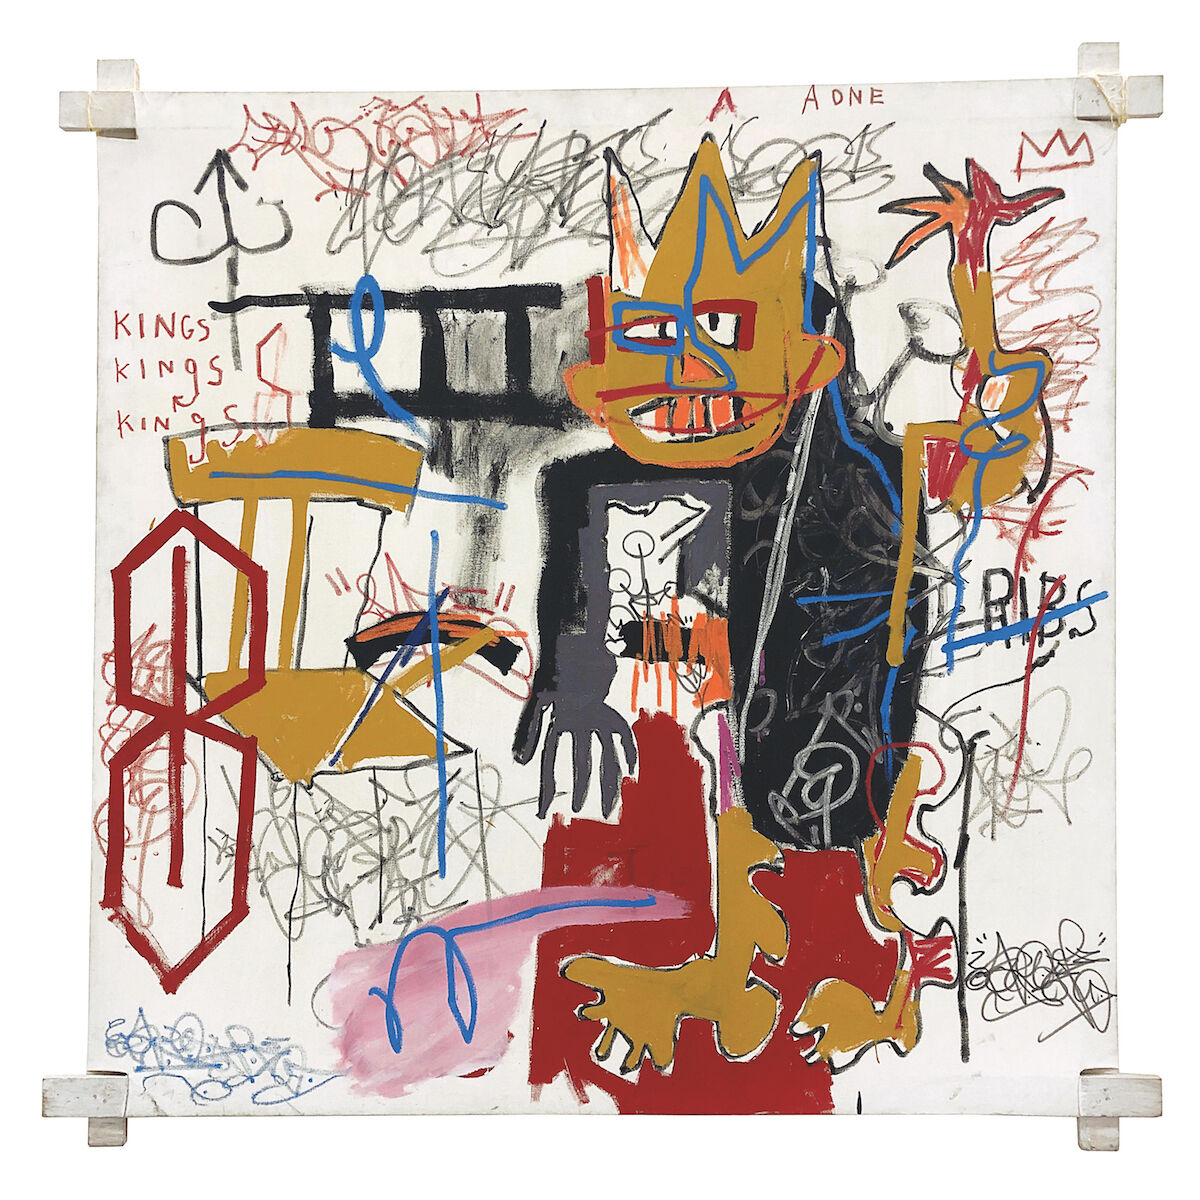 Jean-Michel Basquiat, Portrait of a one A.K.A Kings, 1982. Est. $10 million–15 million. Courtesy Phillips.